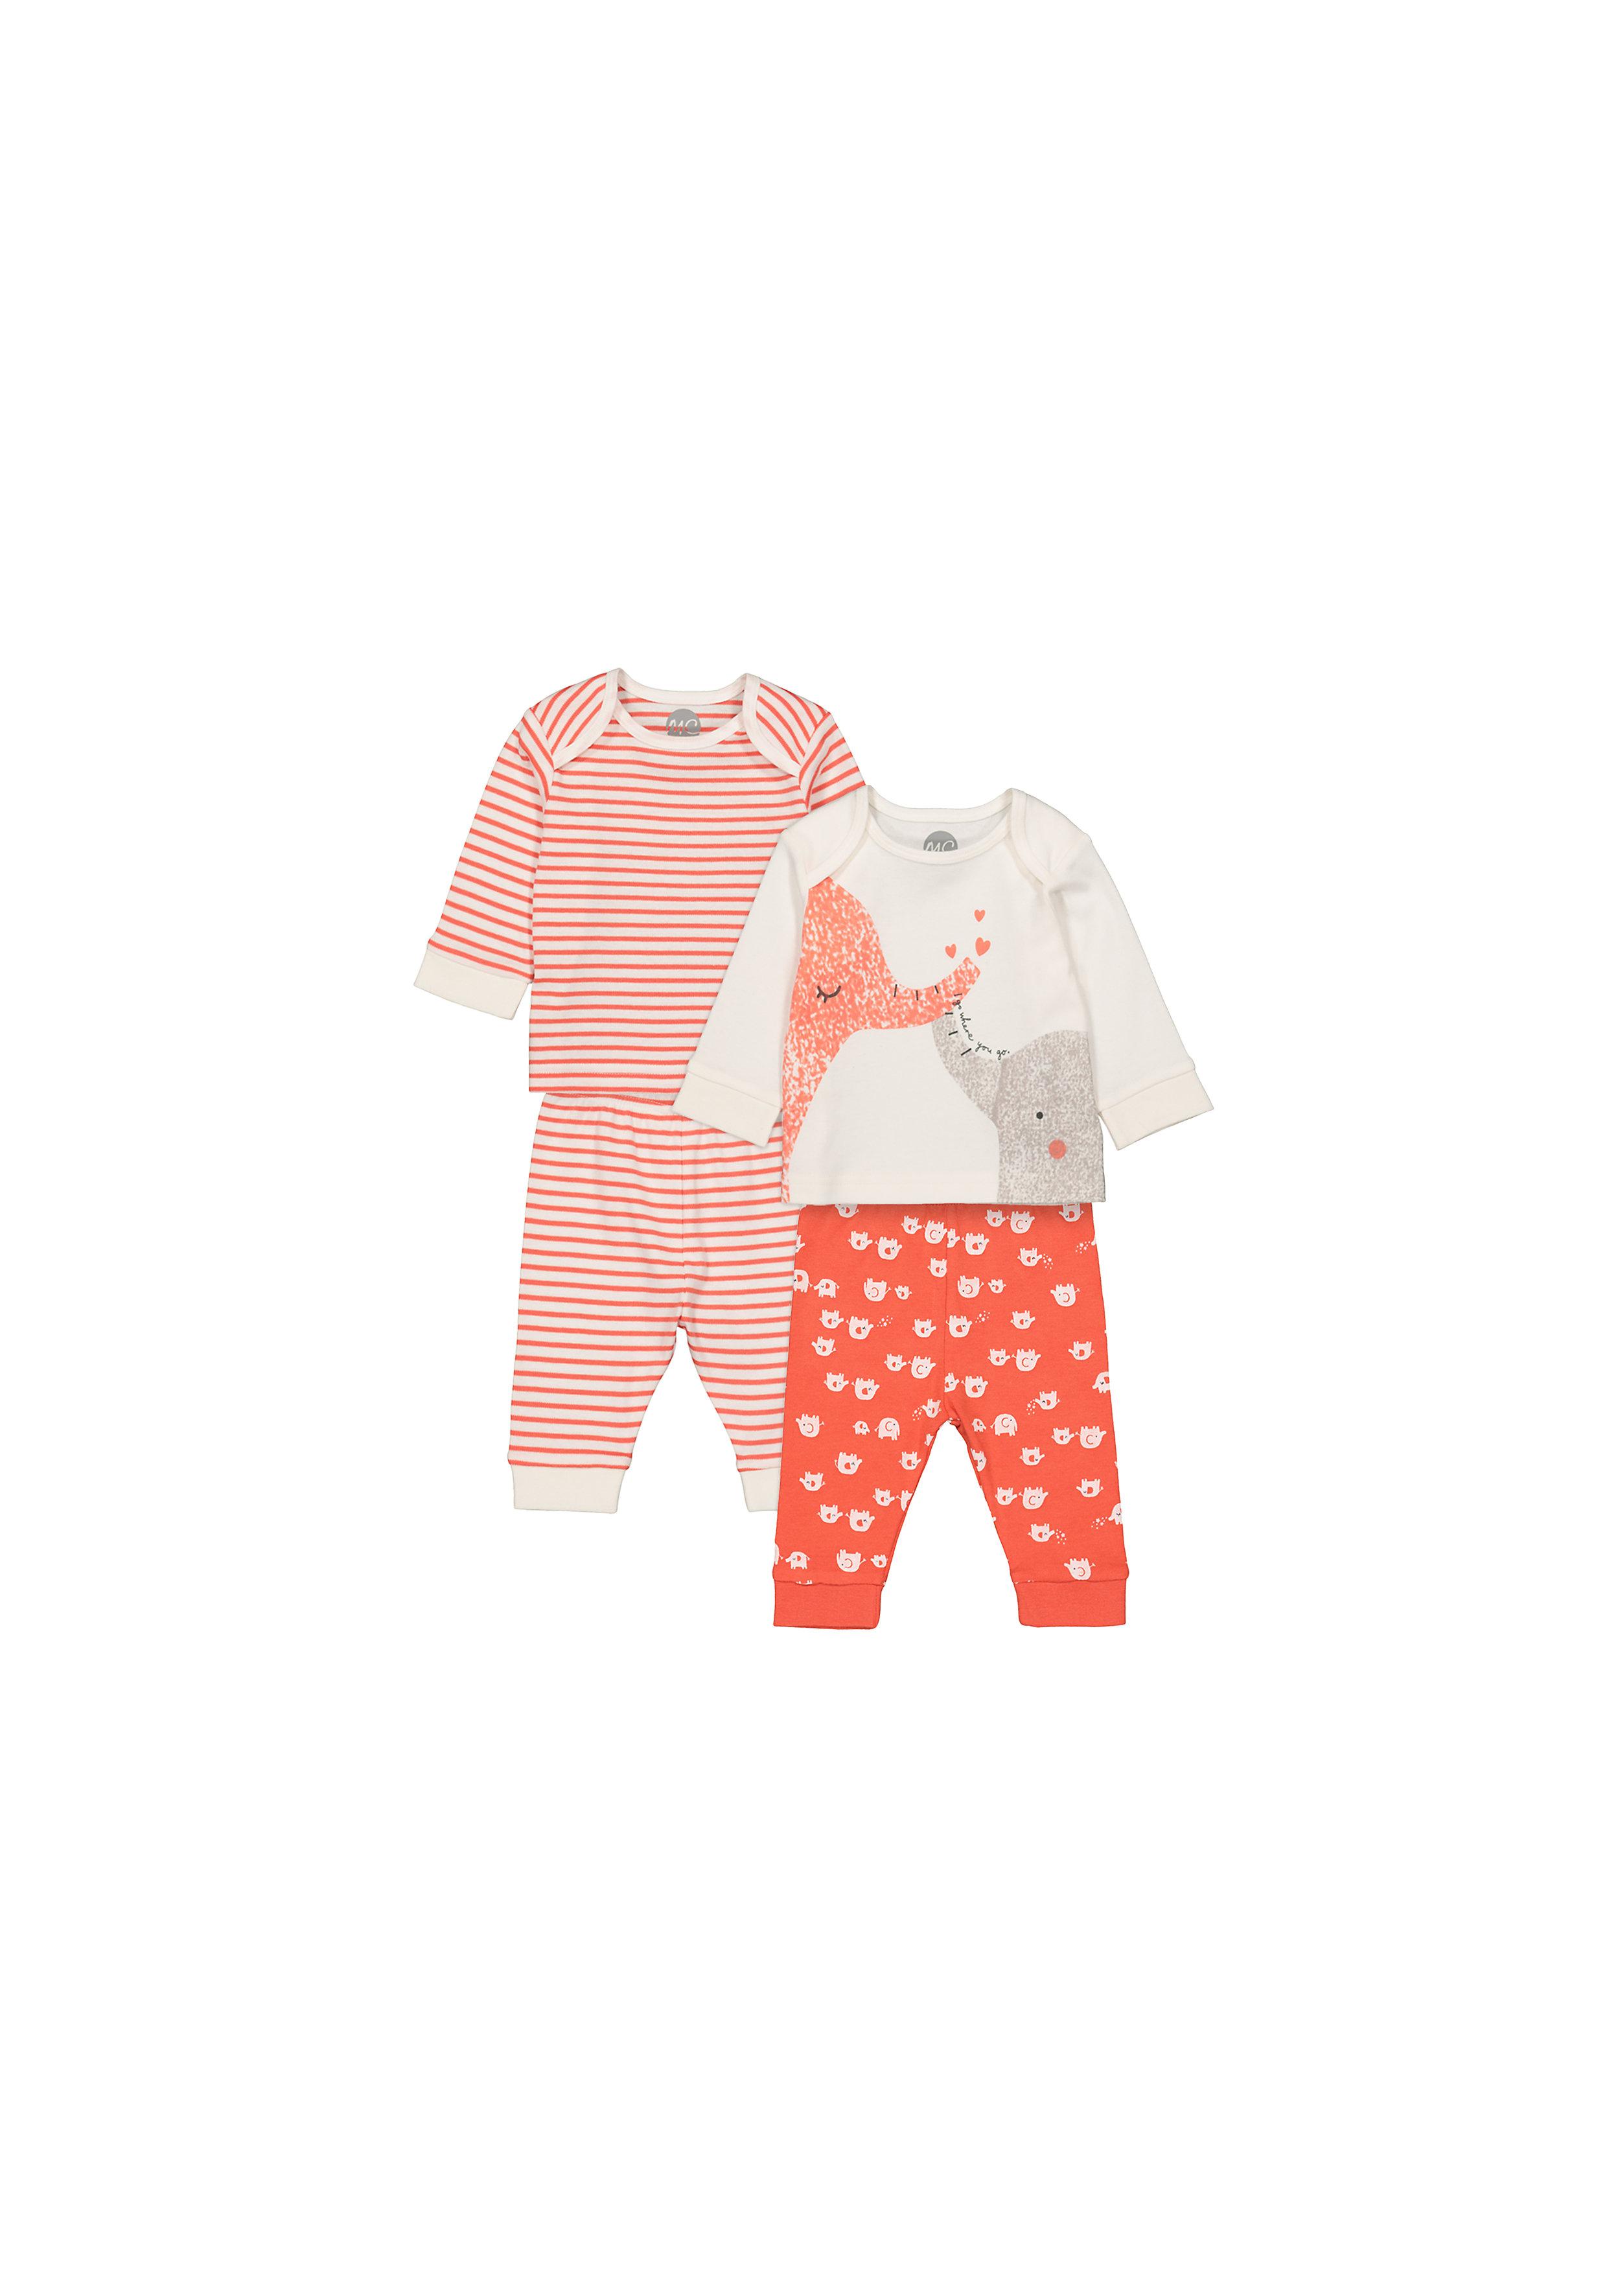 Mothercare | Unisex Full Sleeves Pyjamas Stripes And Elephant Print - Pack Of 2 - Orange White